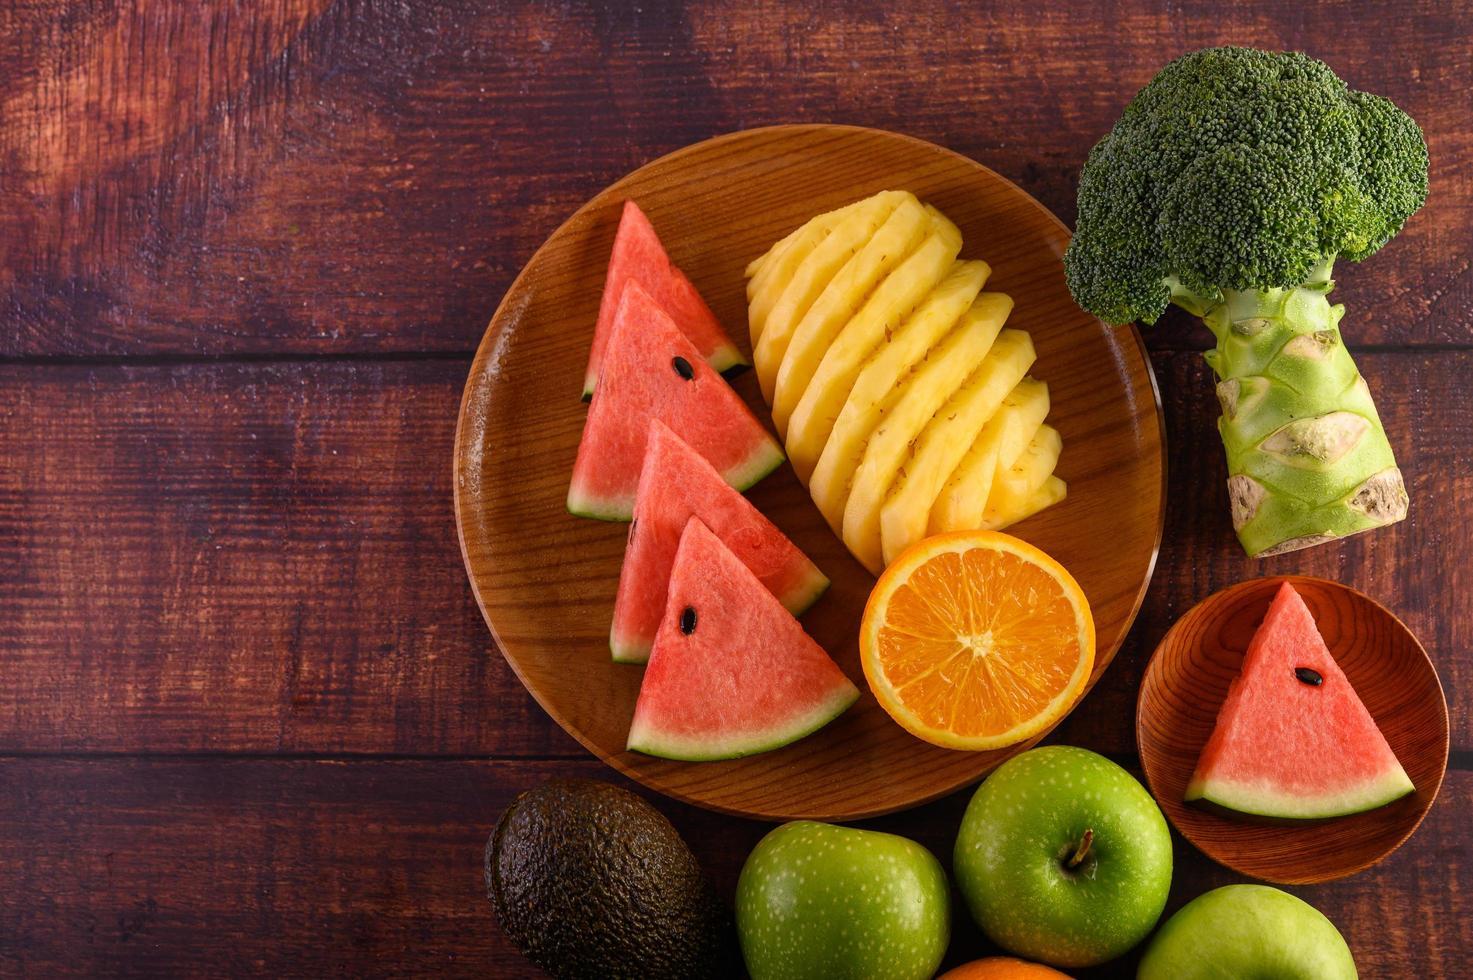 färgrik vattenmelon, ananas, apelsiner med avokado och äpplen foto